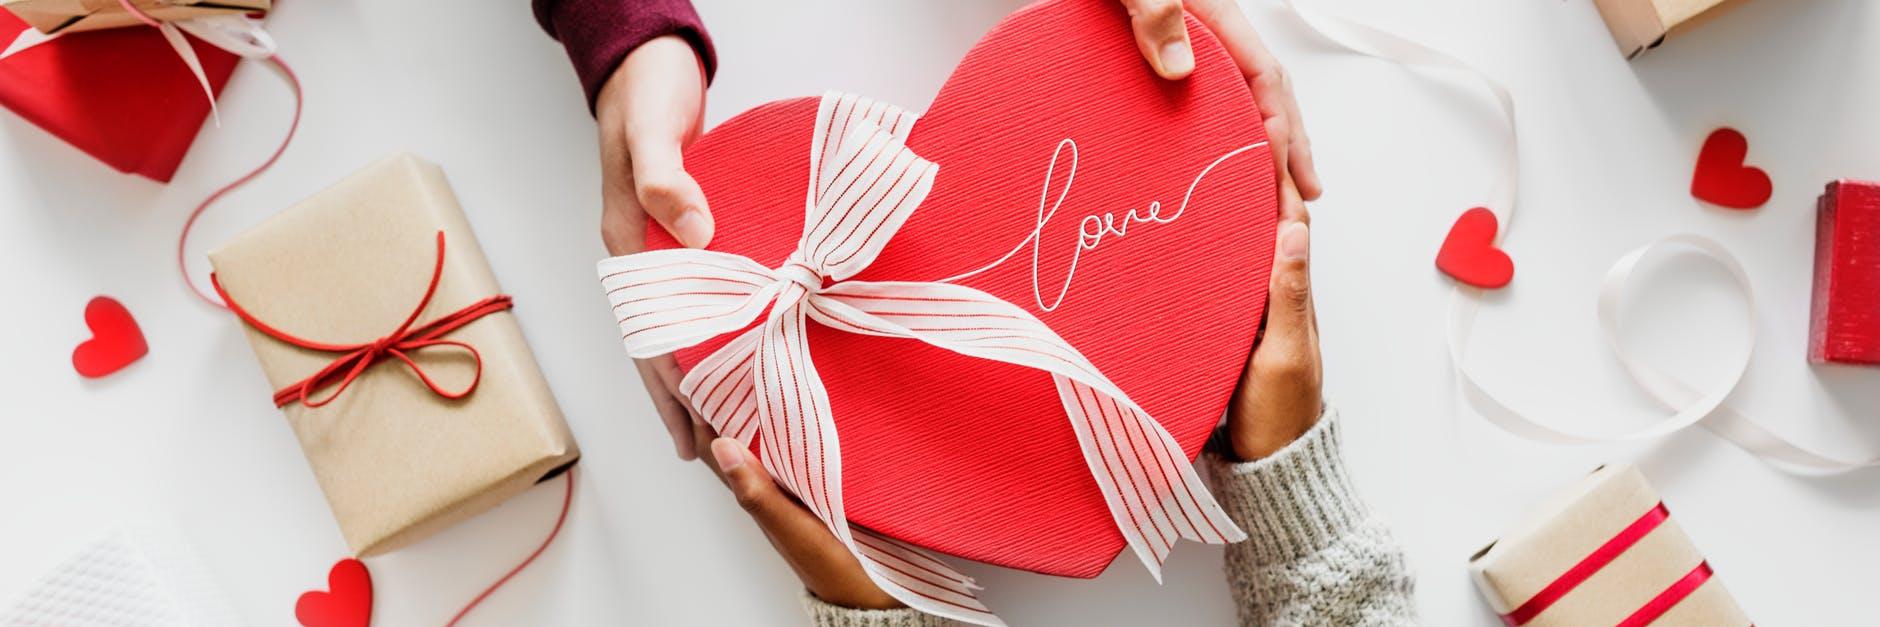 valentine's gift for him under 1000